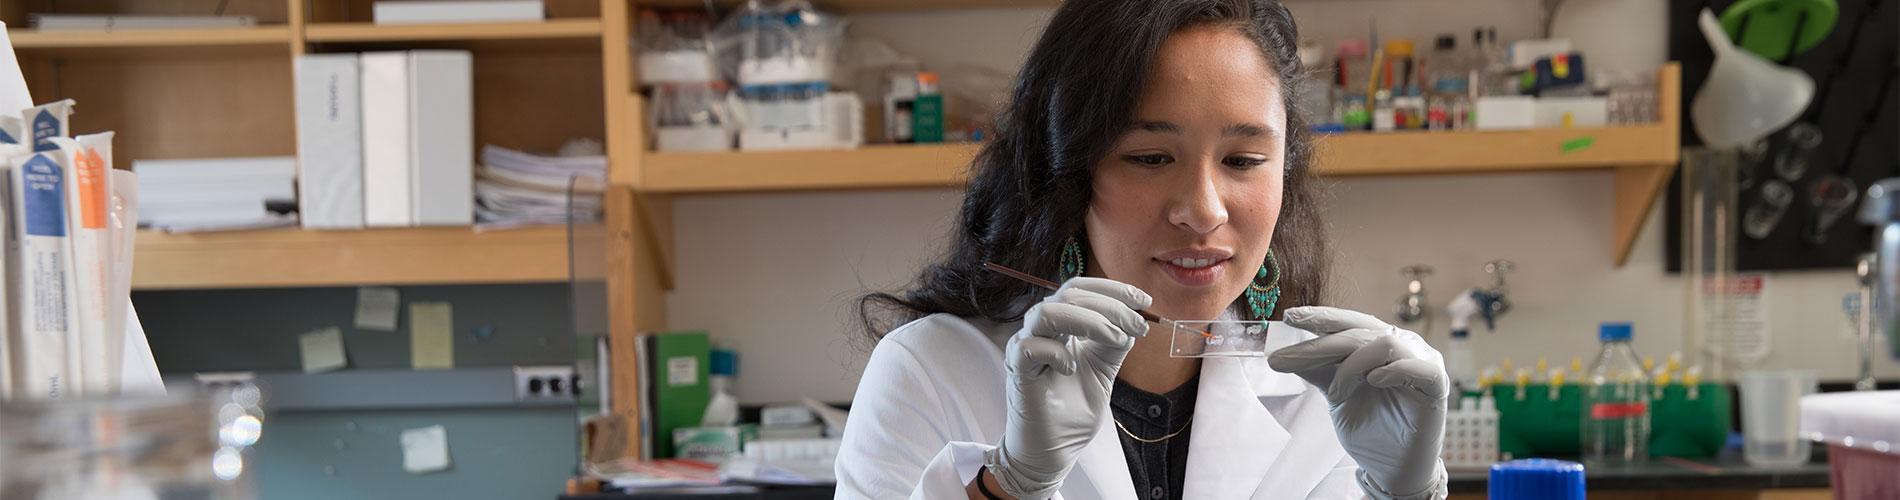 Neuroscientist working in lab